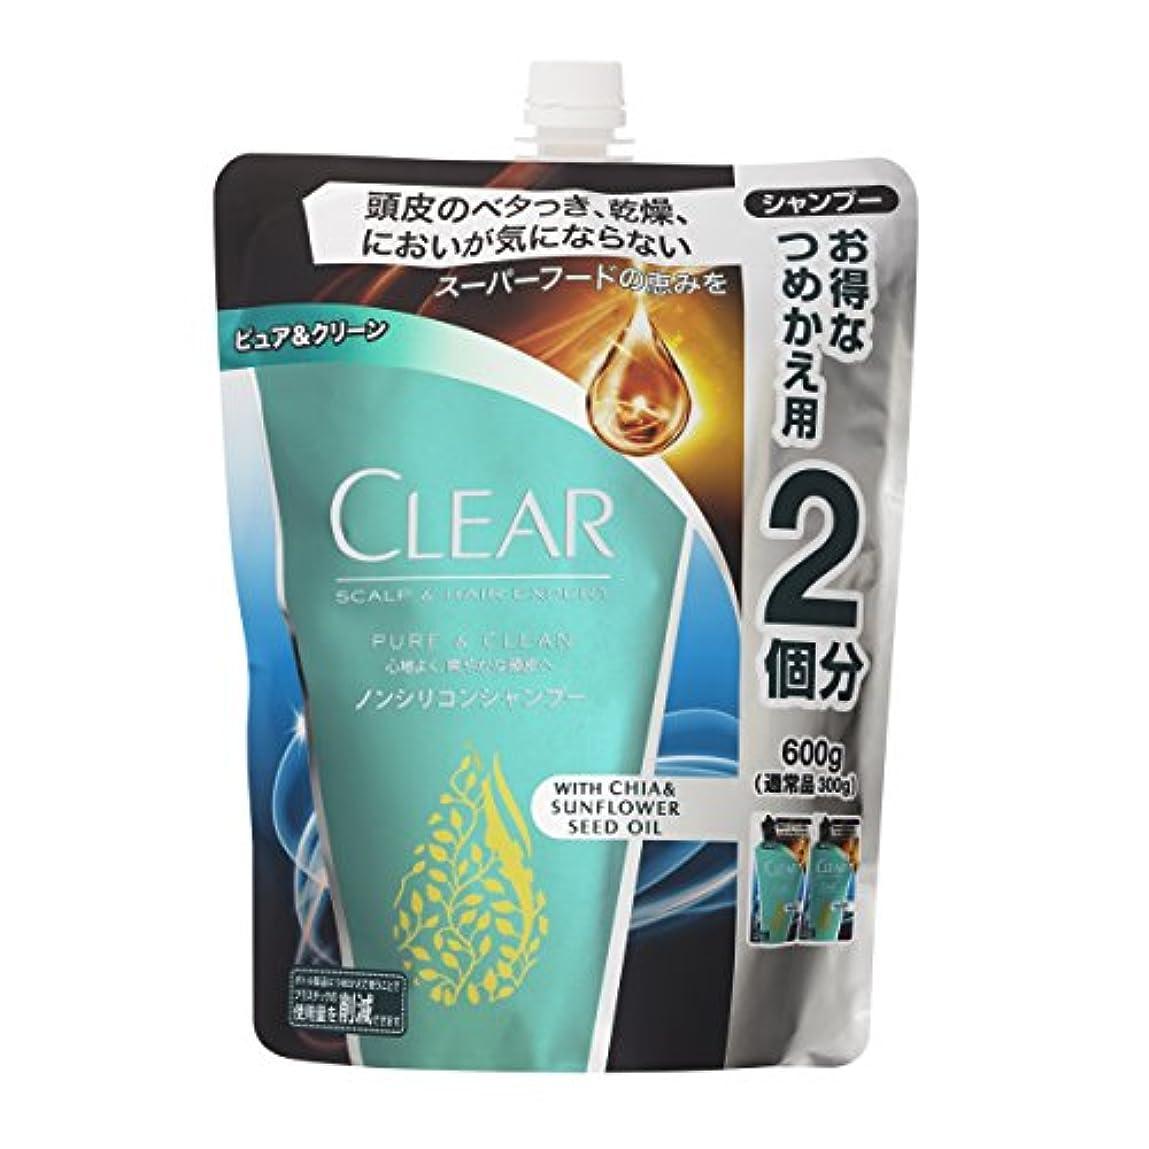 クリア ピュア&クリーン ノンシリコンシャンプー つめかえ用 (心地よく、爽やかな頭皮へ) 600g